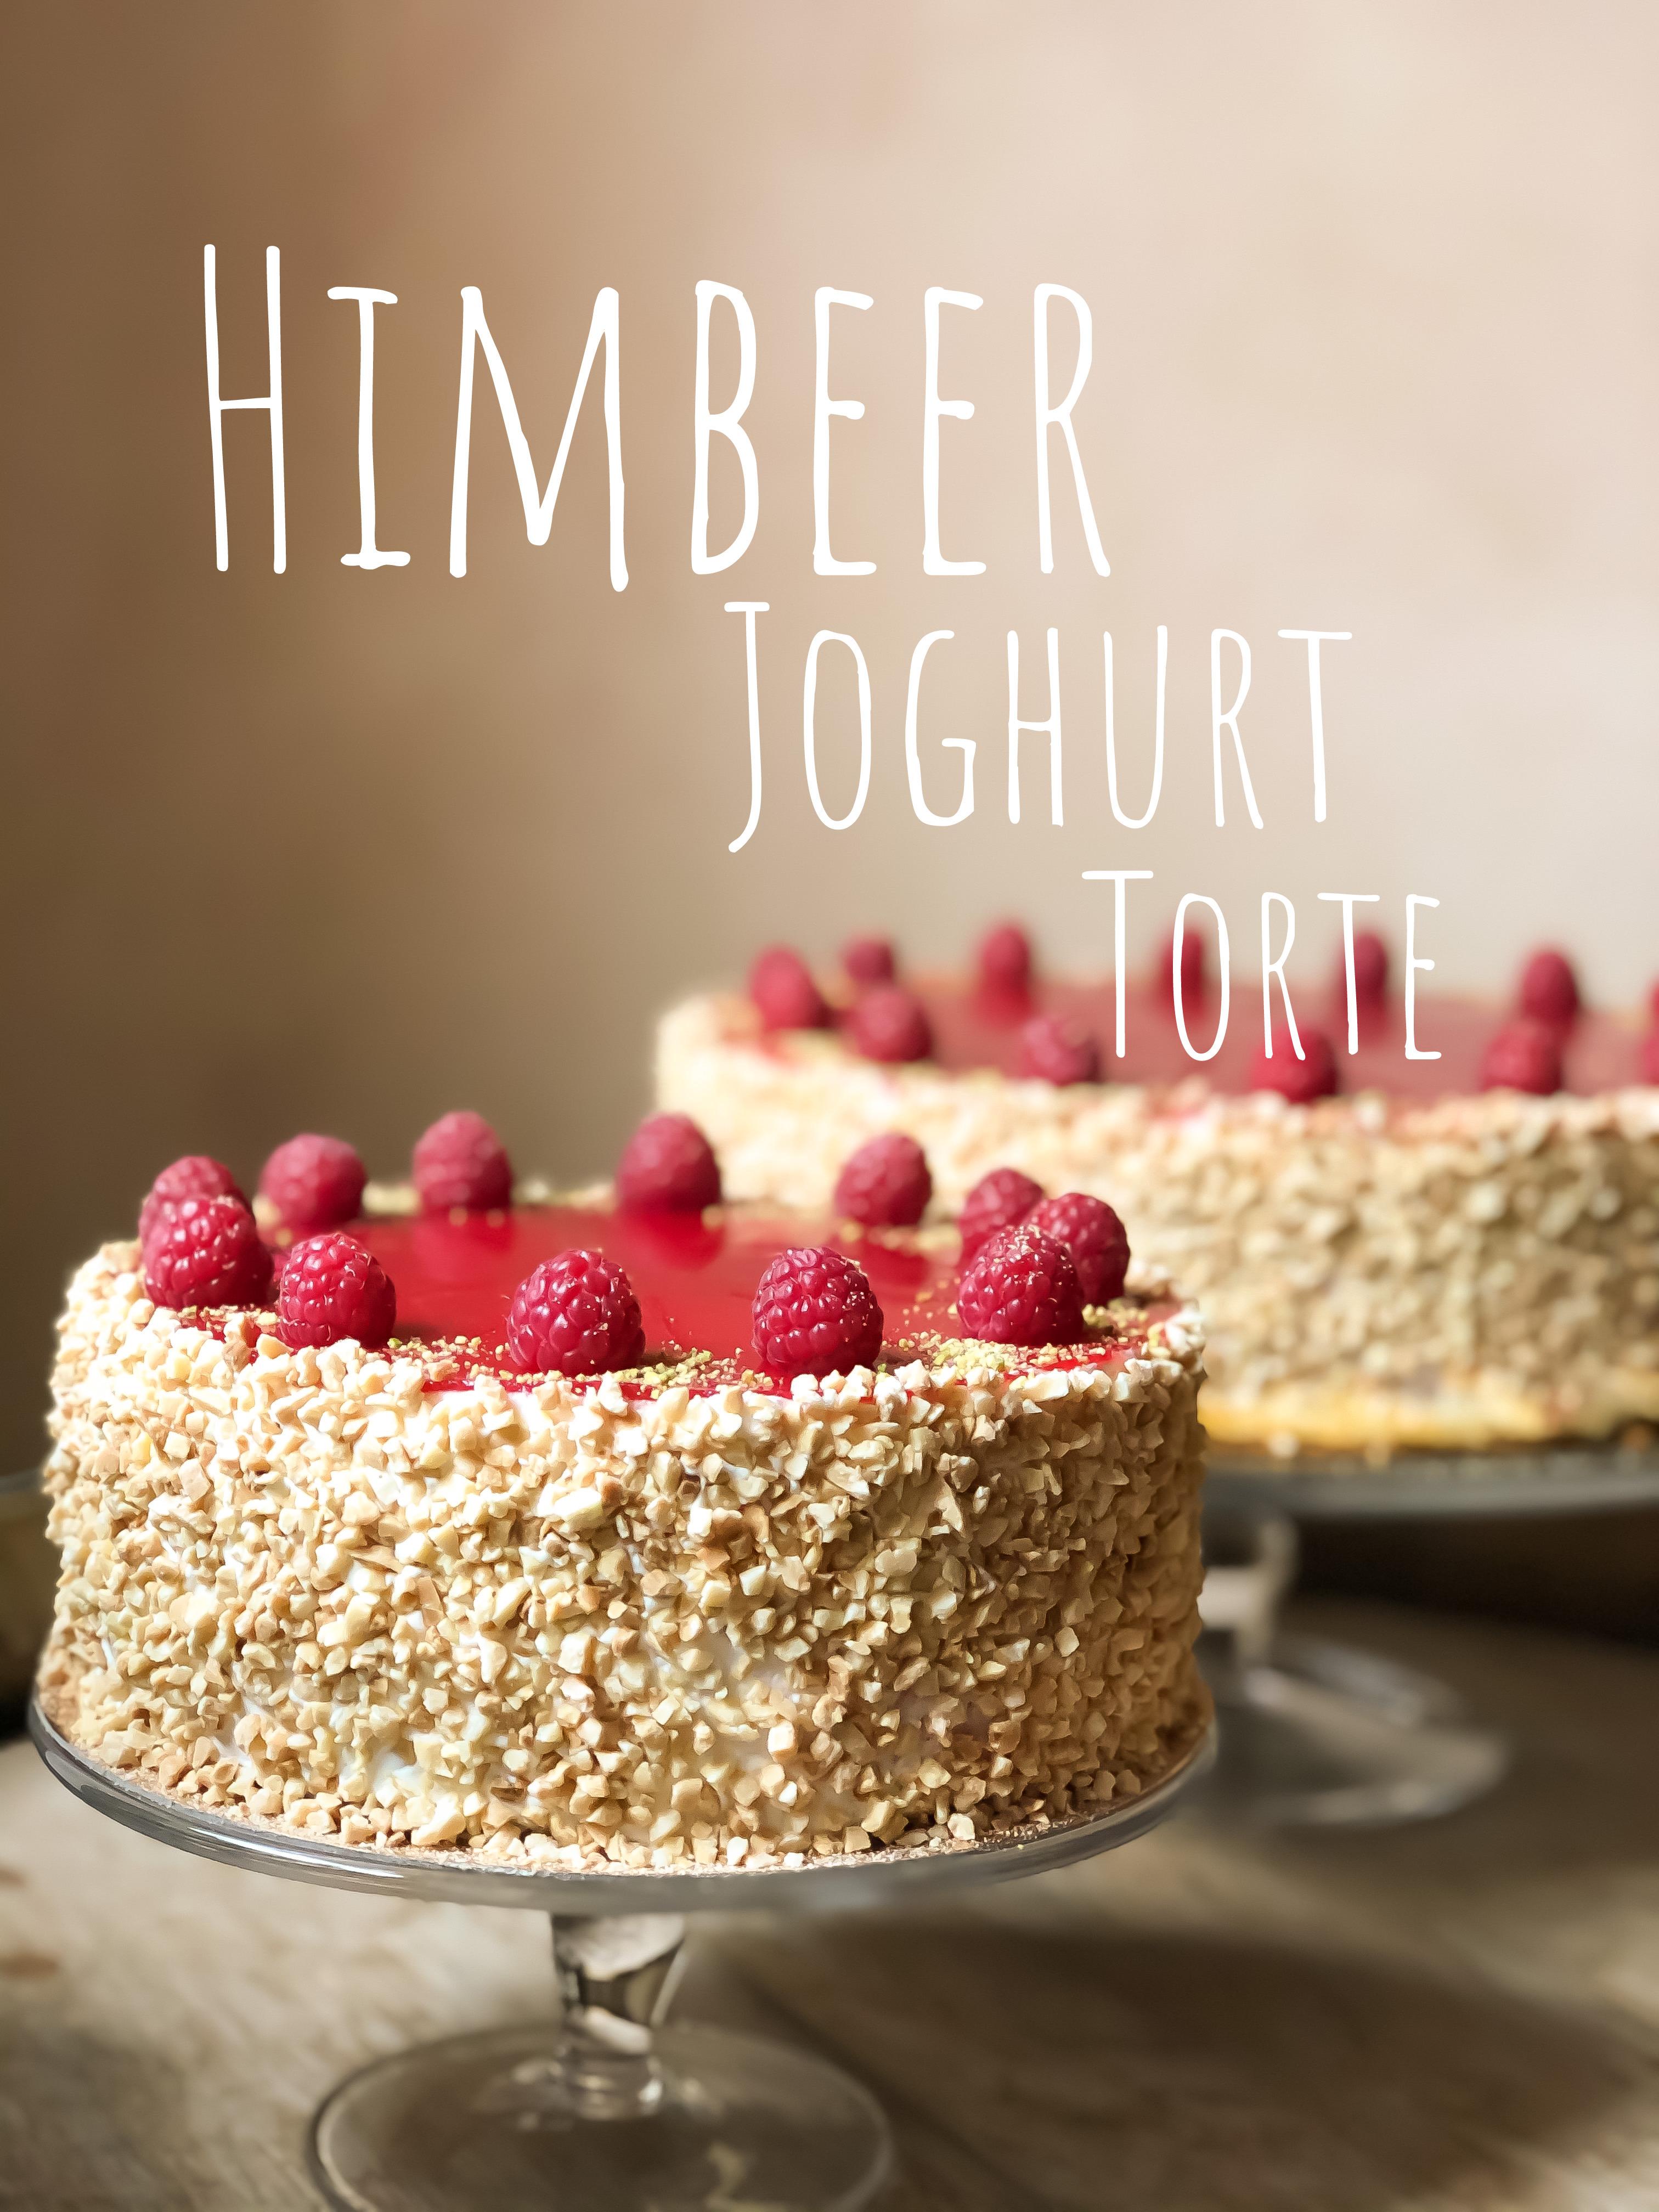 17. Himbeer Joghurt Torte